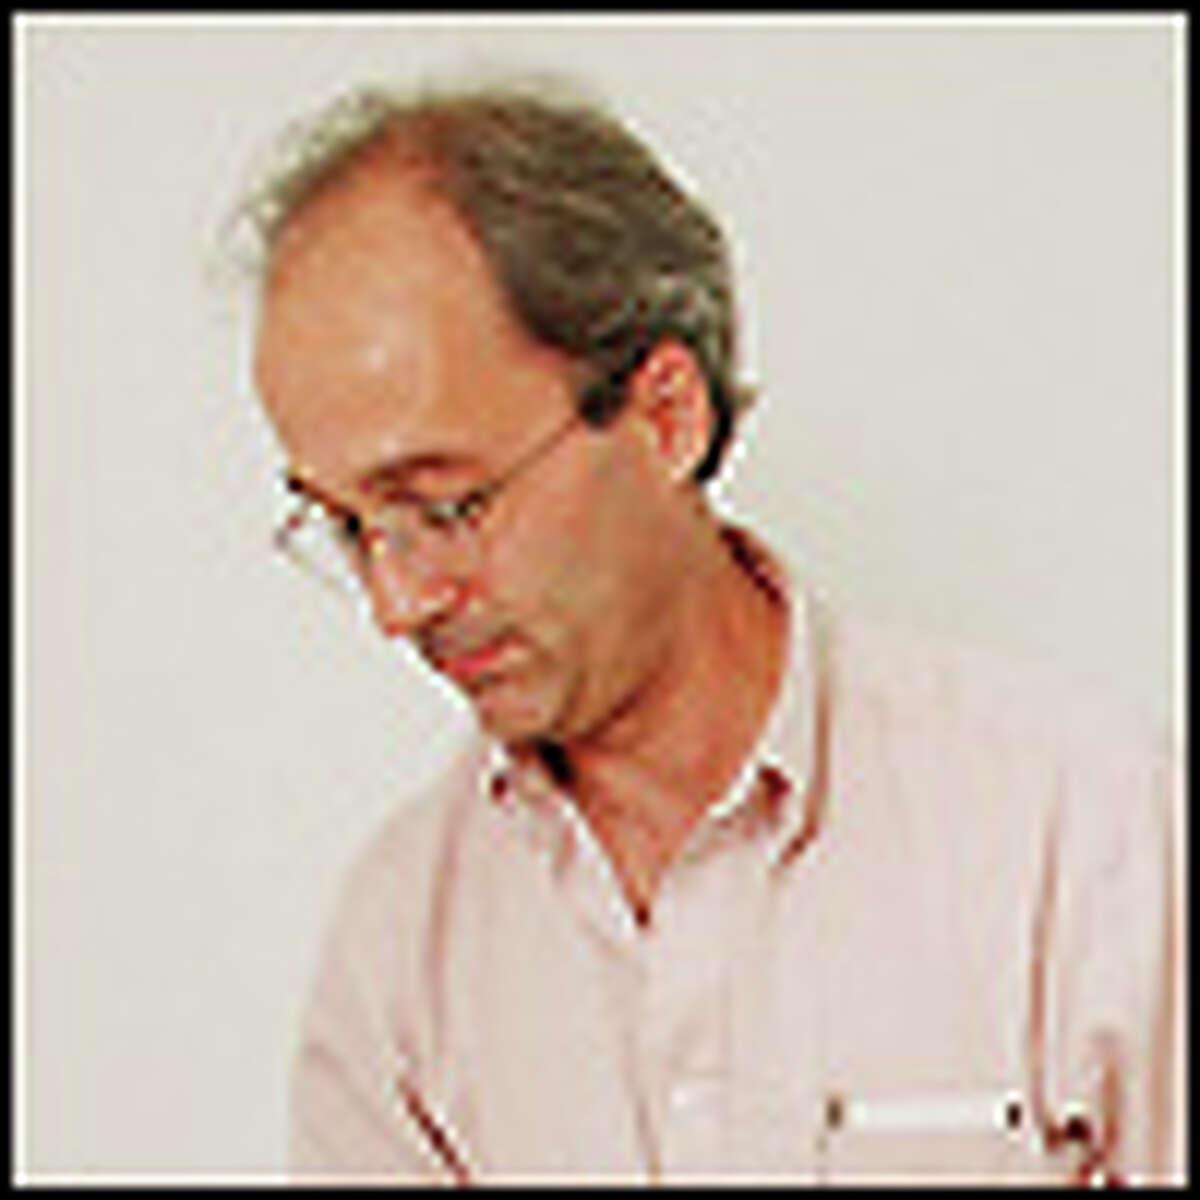 Robert DeWolfe